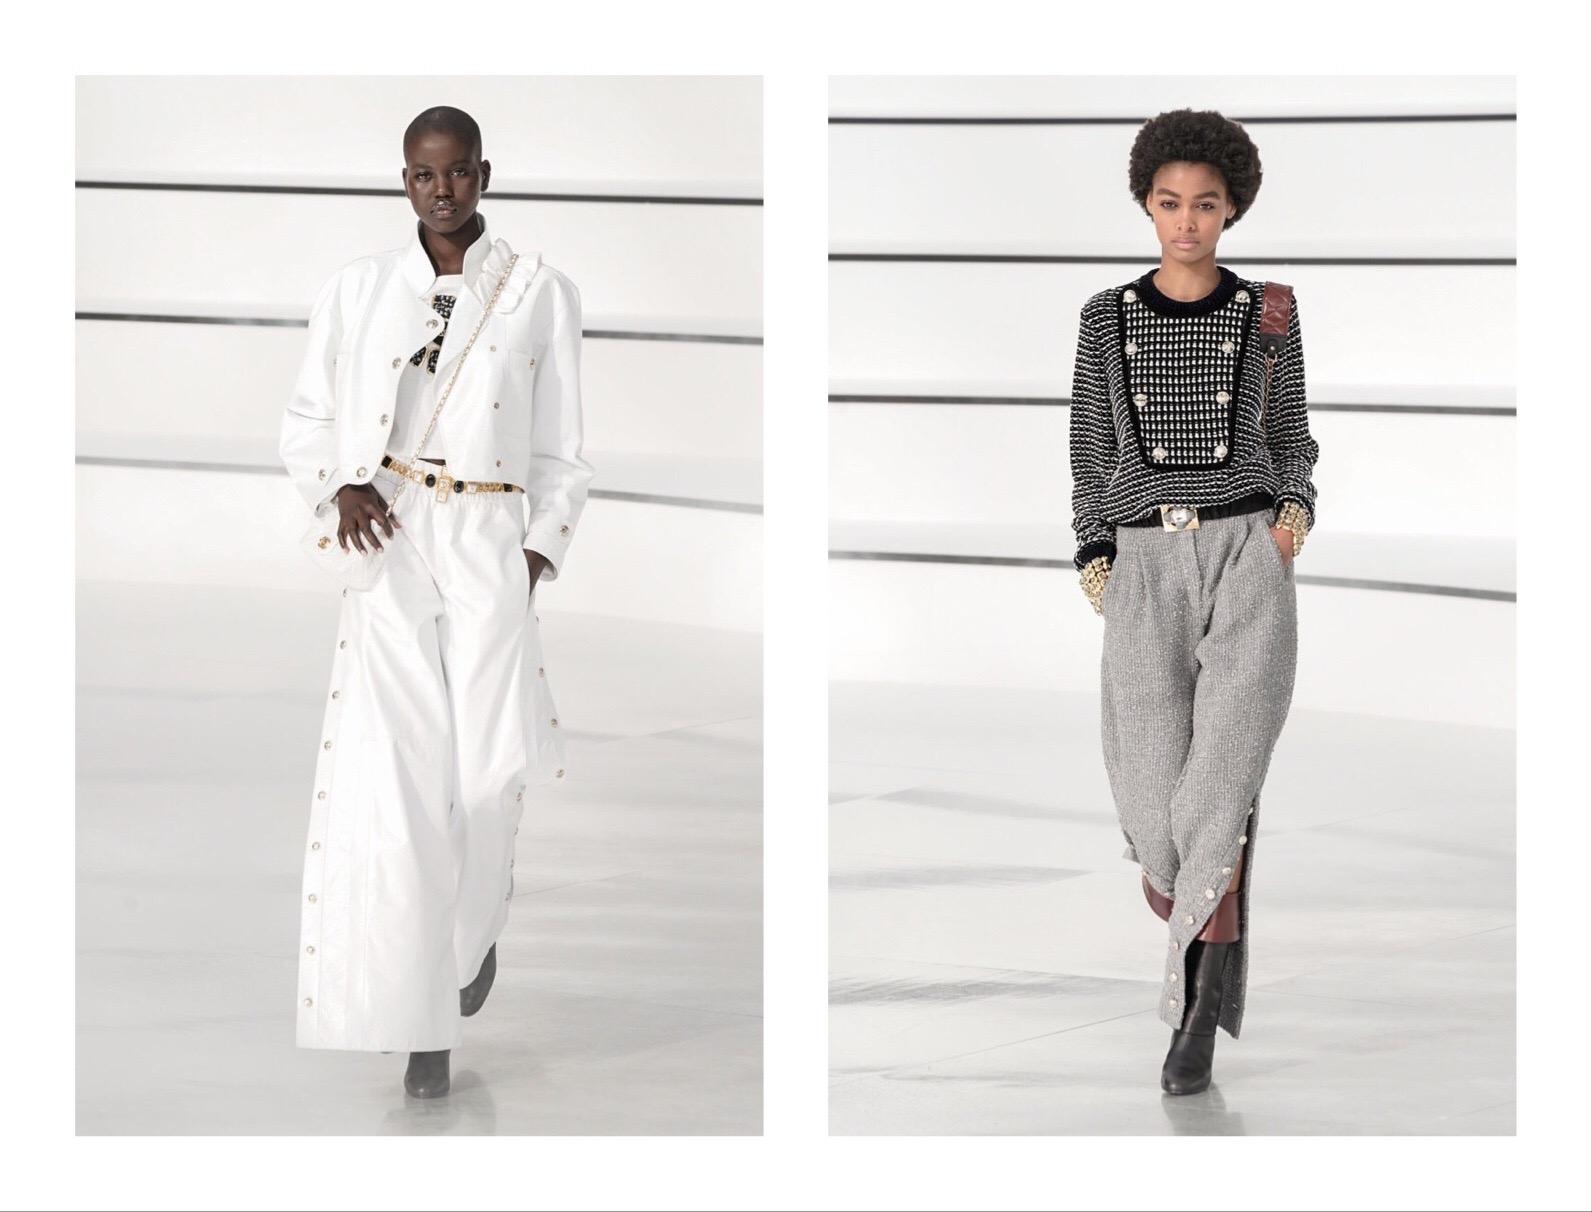 Парижский шик в лучших традициях Chanel: обзор коллекции (ФОТО) - фото №5